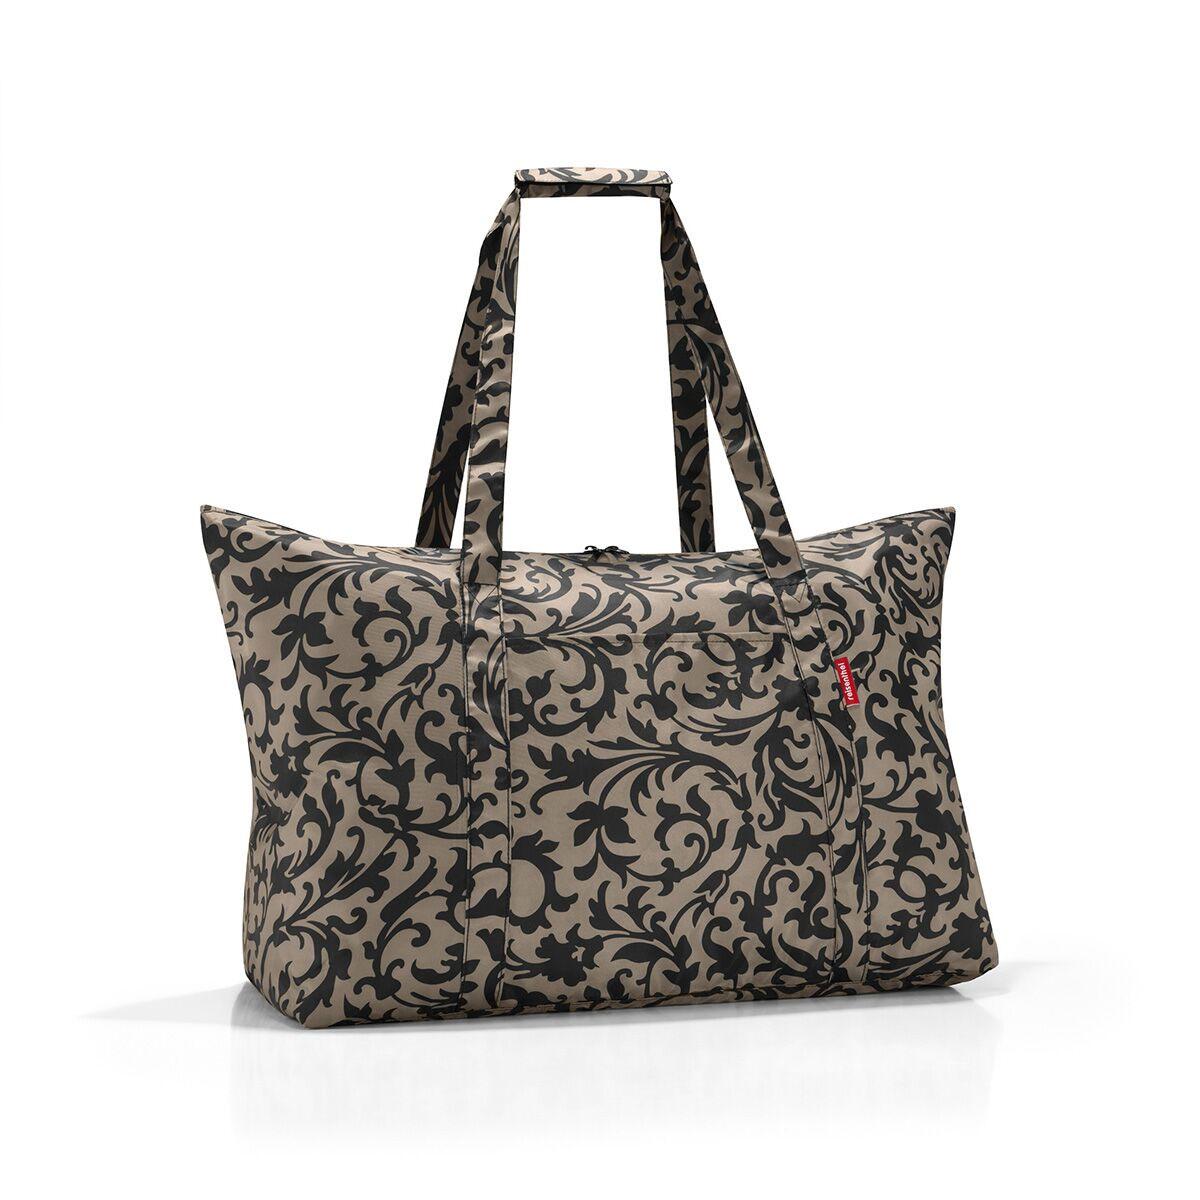 Сумка дорожная жен. Reisenthel, цвет: бежевый. AG7027MD-538-3-1Идеальный компаньон для путешествий, ведь из поездки мы всегда возвращаемся со множеством сувениров и покупок. Так что еще одна сумка пригодится. Она легко складывается в маленький чехол, которые можно взять с собой в сумке или рюкзаке. Так же можно использовать для похода за продуктами.Внутренний объем сумки - 30 литров. Есть внешний кармашек для мелочей. Для удобства ручки сумки можно соединить между собой.